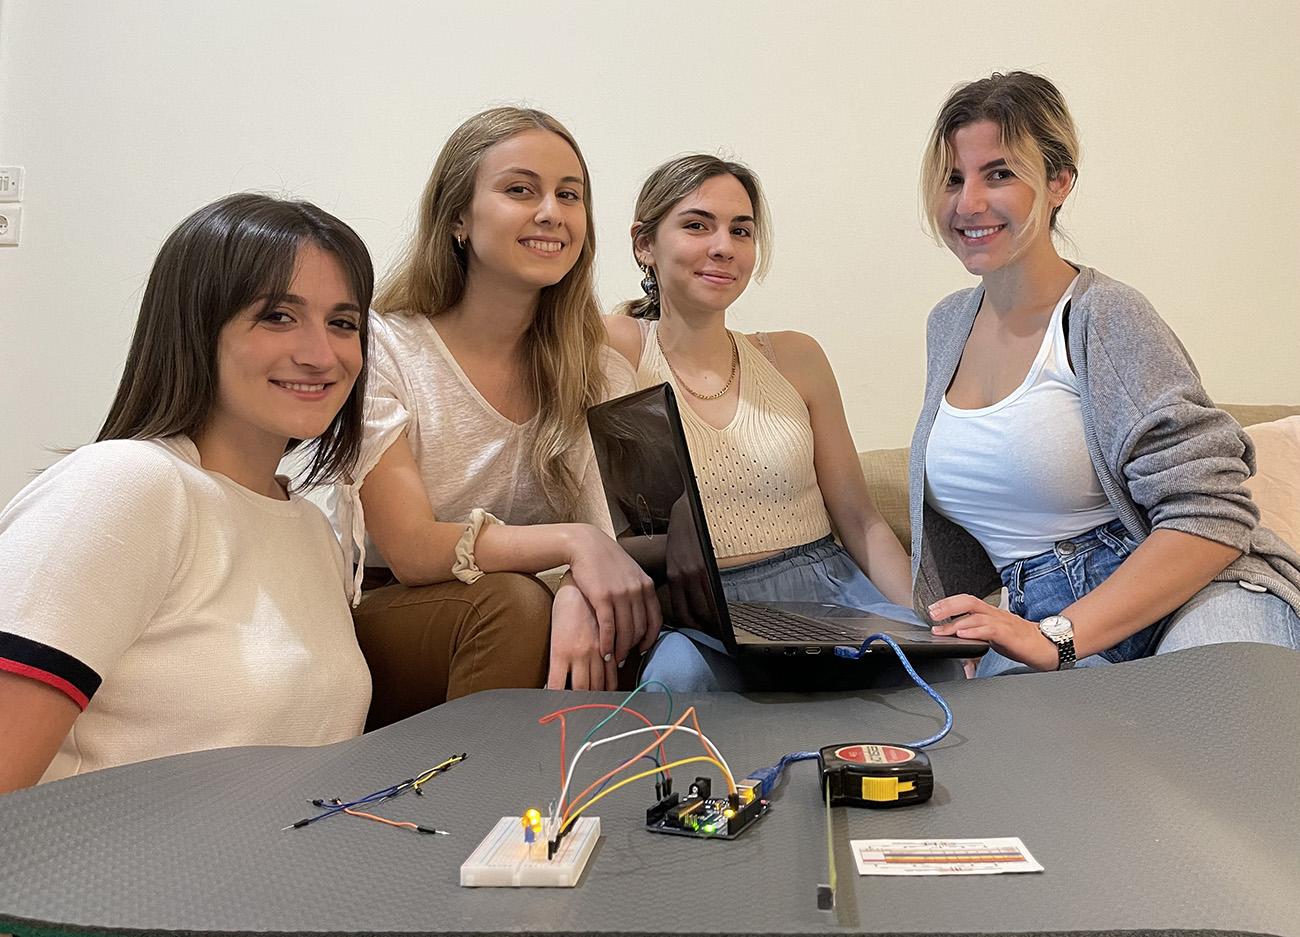 Τέσσερις ελληνίδες φοιτήτριες σχεδίασαν «μαγικό» χαλί γυμναστικής για το σαλόνι